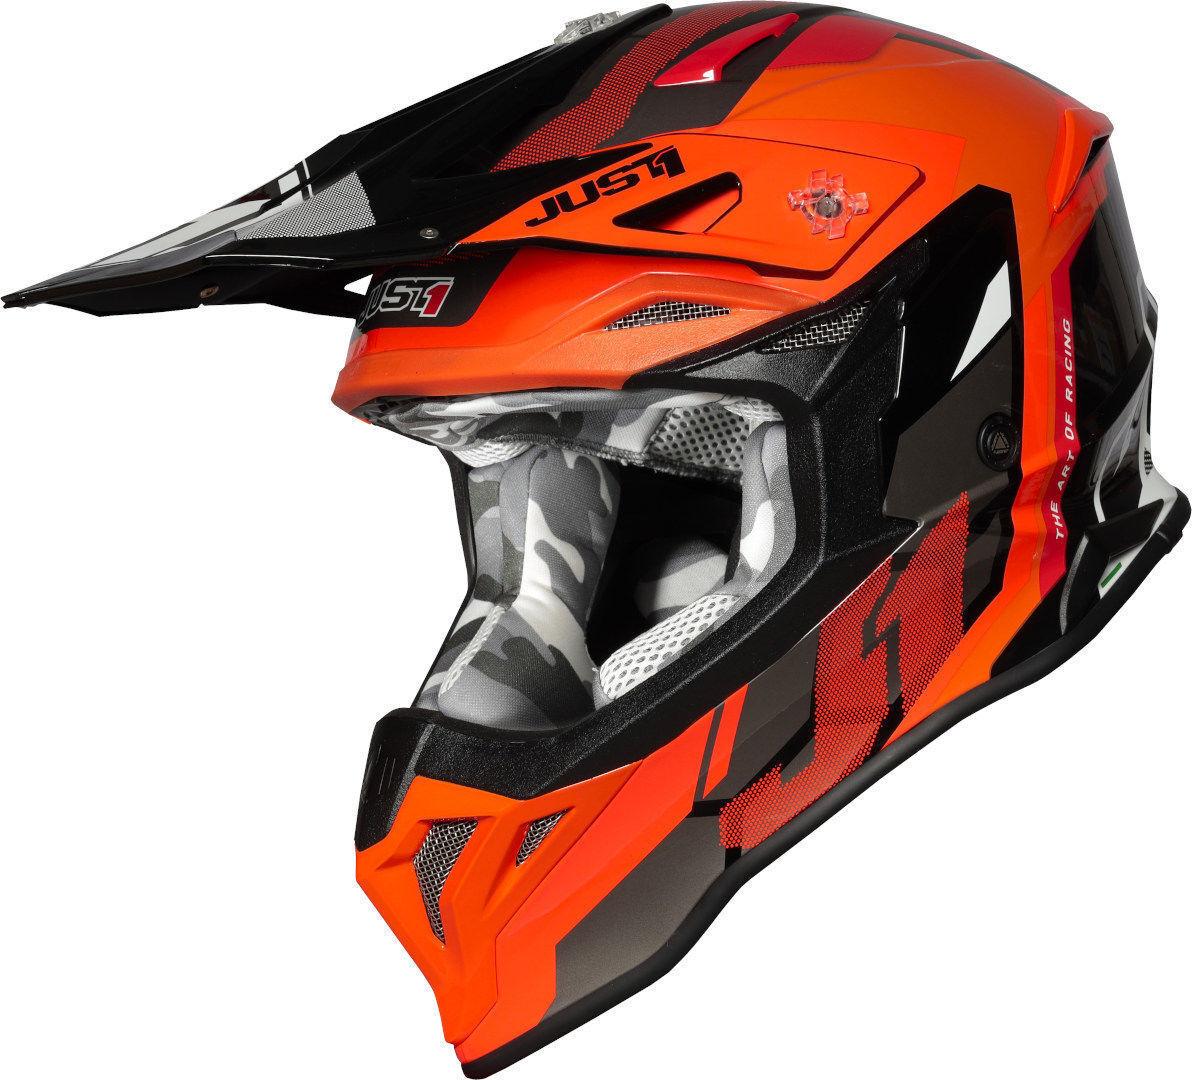 Just1 J39 Reactor Motocross kypärä  - Musta Oranssi - Size: L